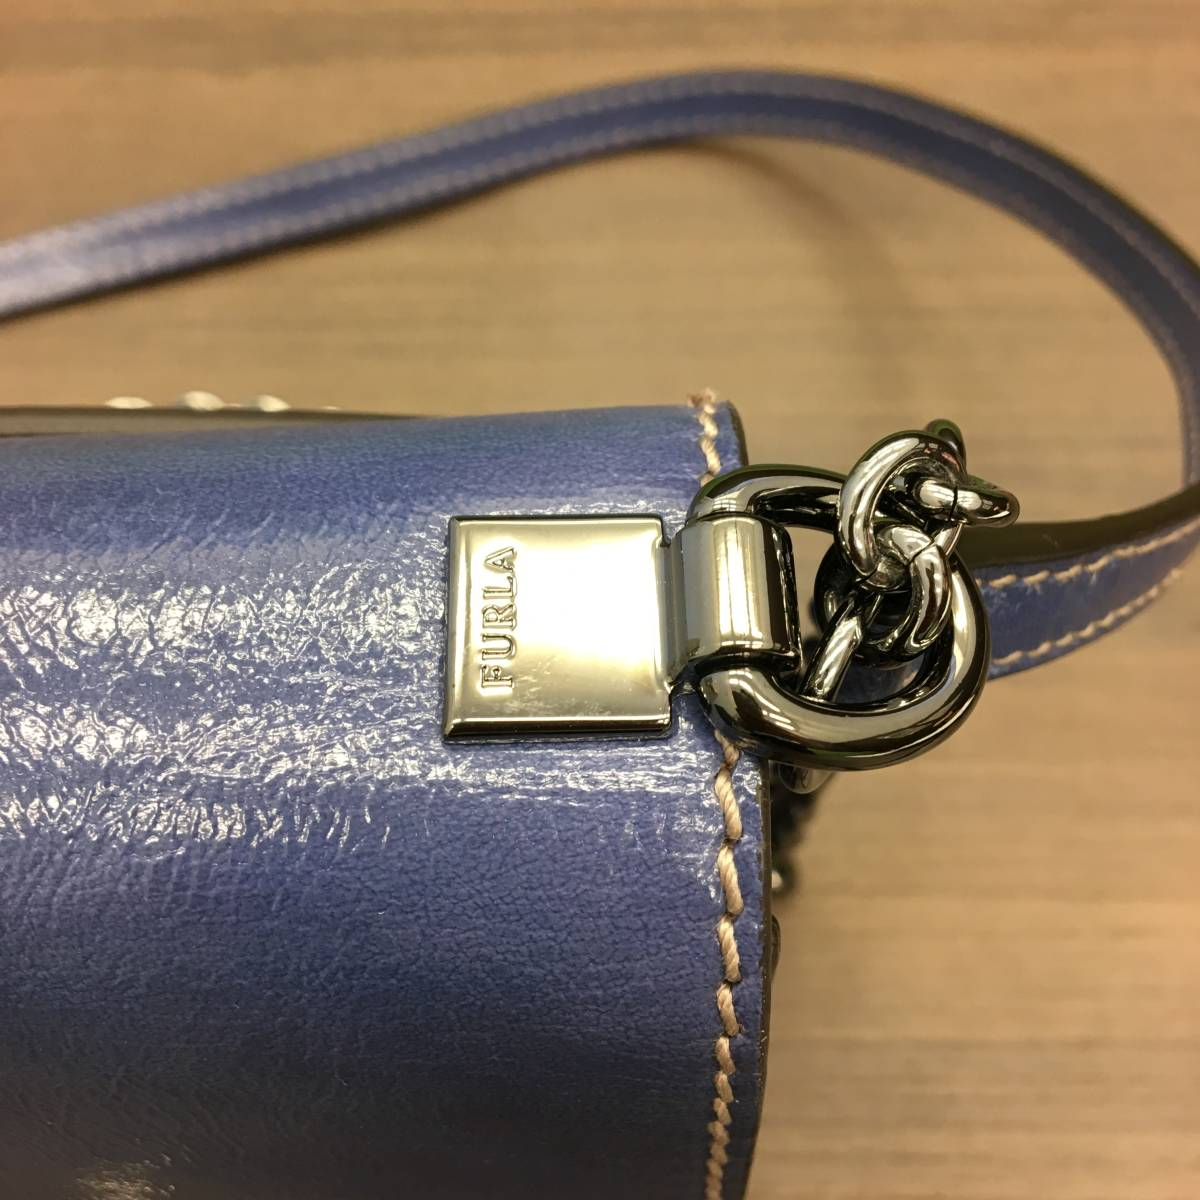 新品未使用 FURLA フルラ ショルダーバッグ 保存袋付き_画像4